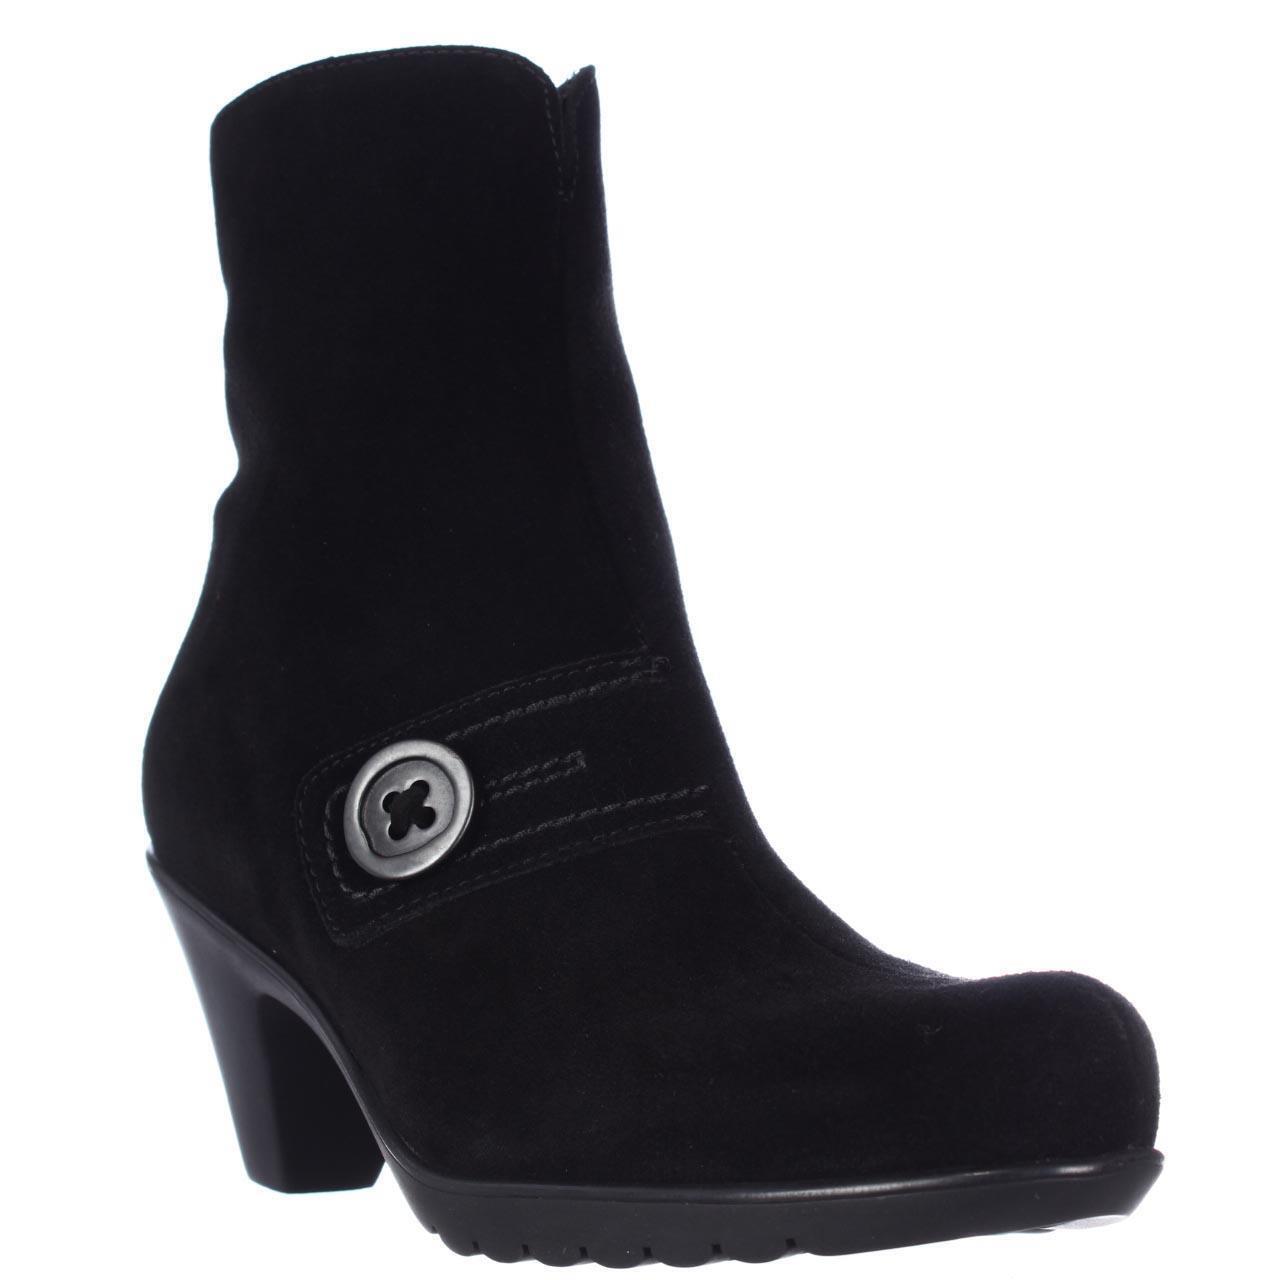 negozio a basso costo LA CANADIENNE donna Dorthea nero Suede WATERPROOF WATERPROOF WATERPROOF Ankle Zip stivali 6.5  prezzi eccellenti